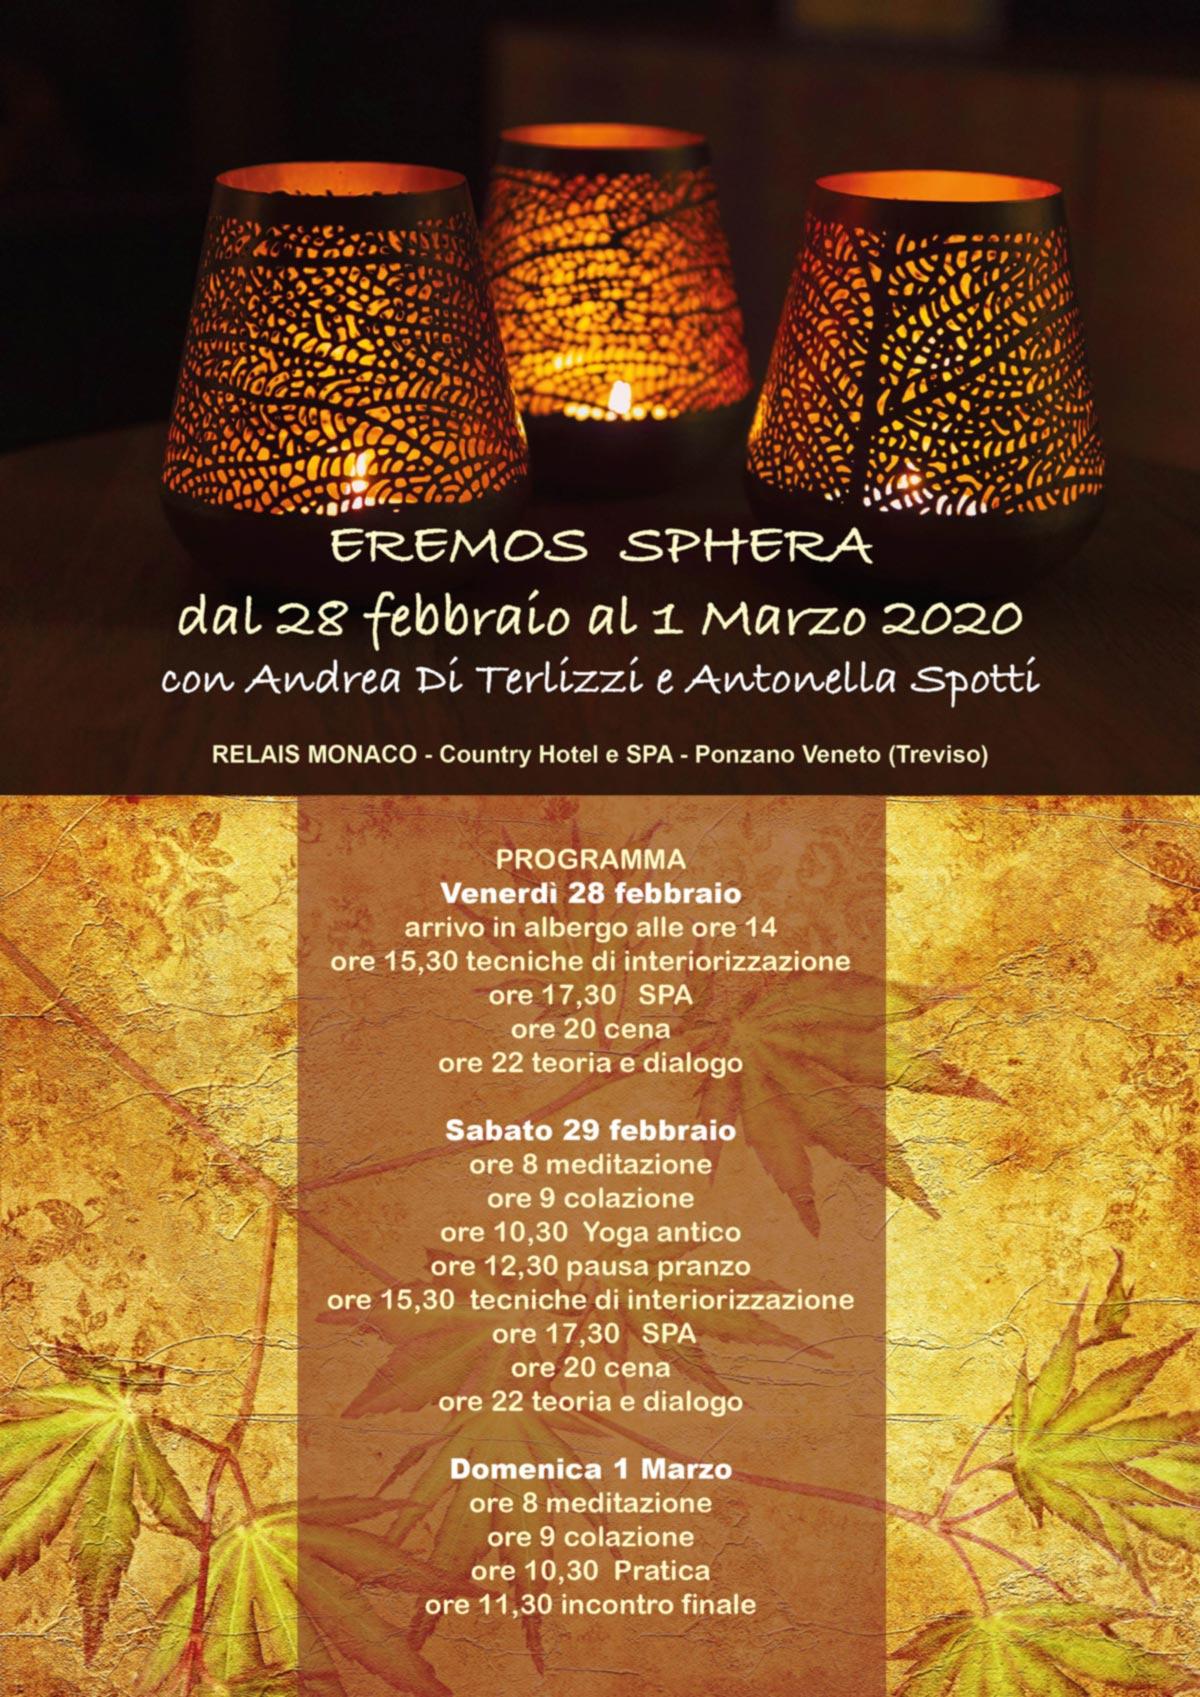 Eremos Sphera - 28 febbraio 1 marzo 2020